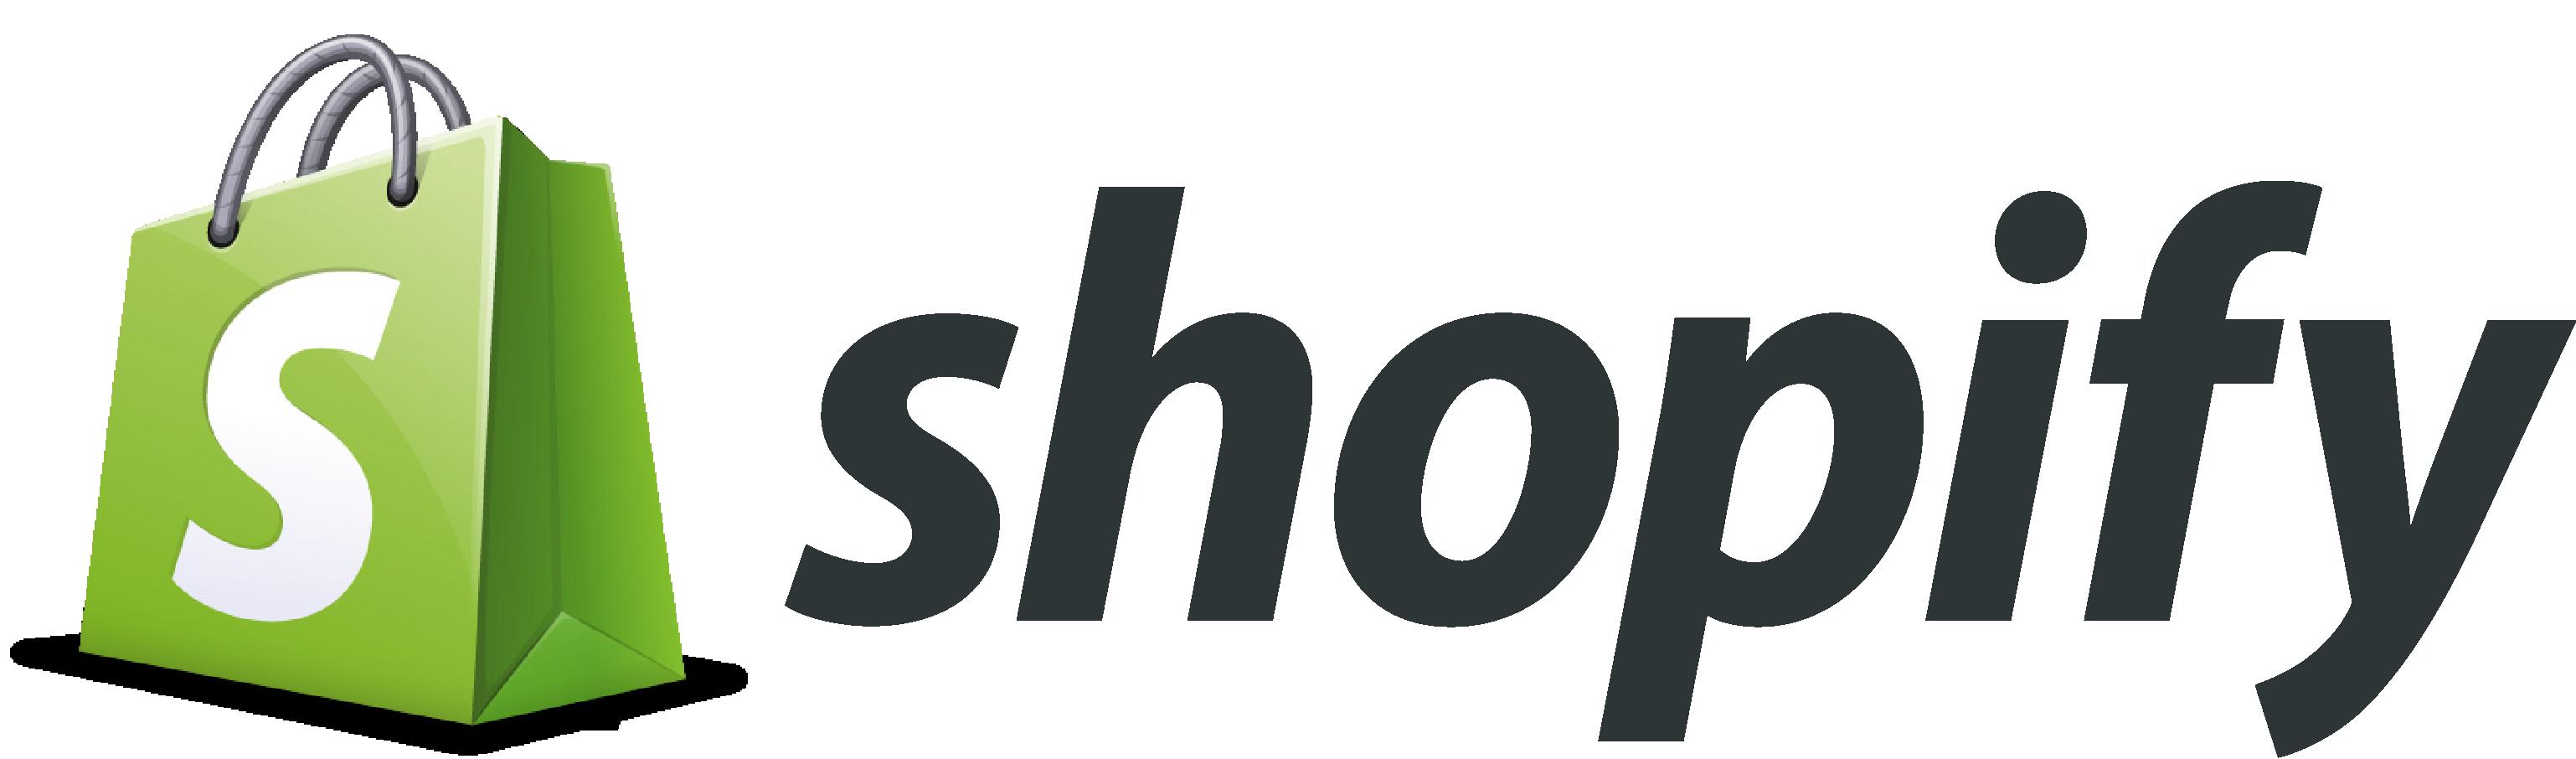 shopify-logo - Shopify Logo PNG